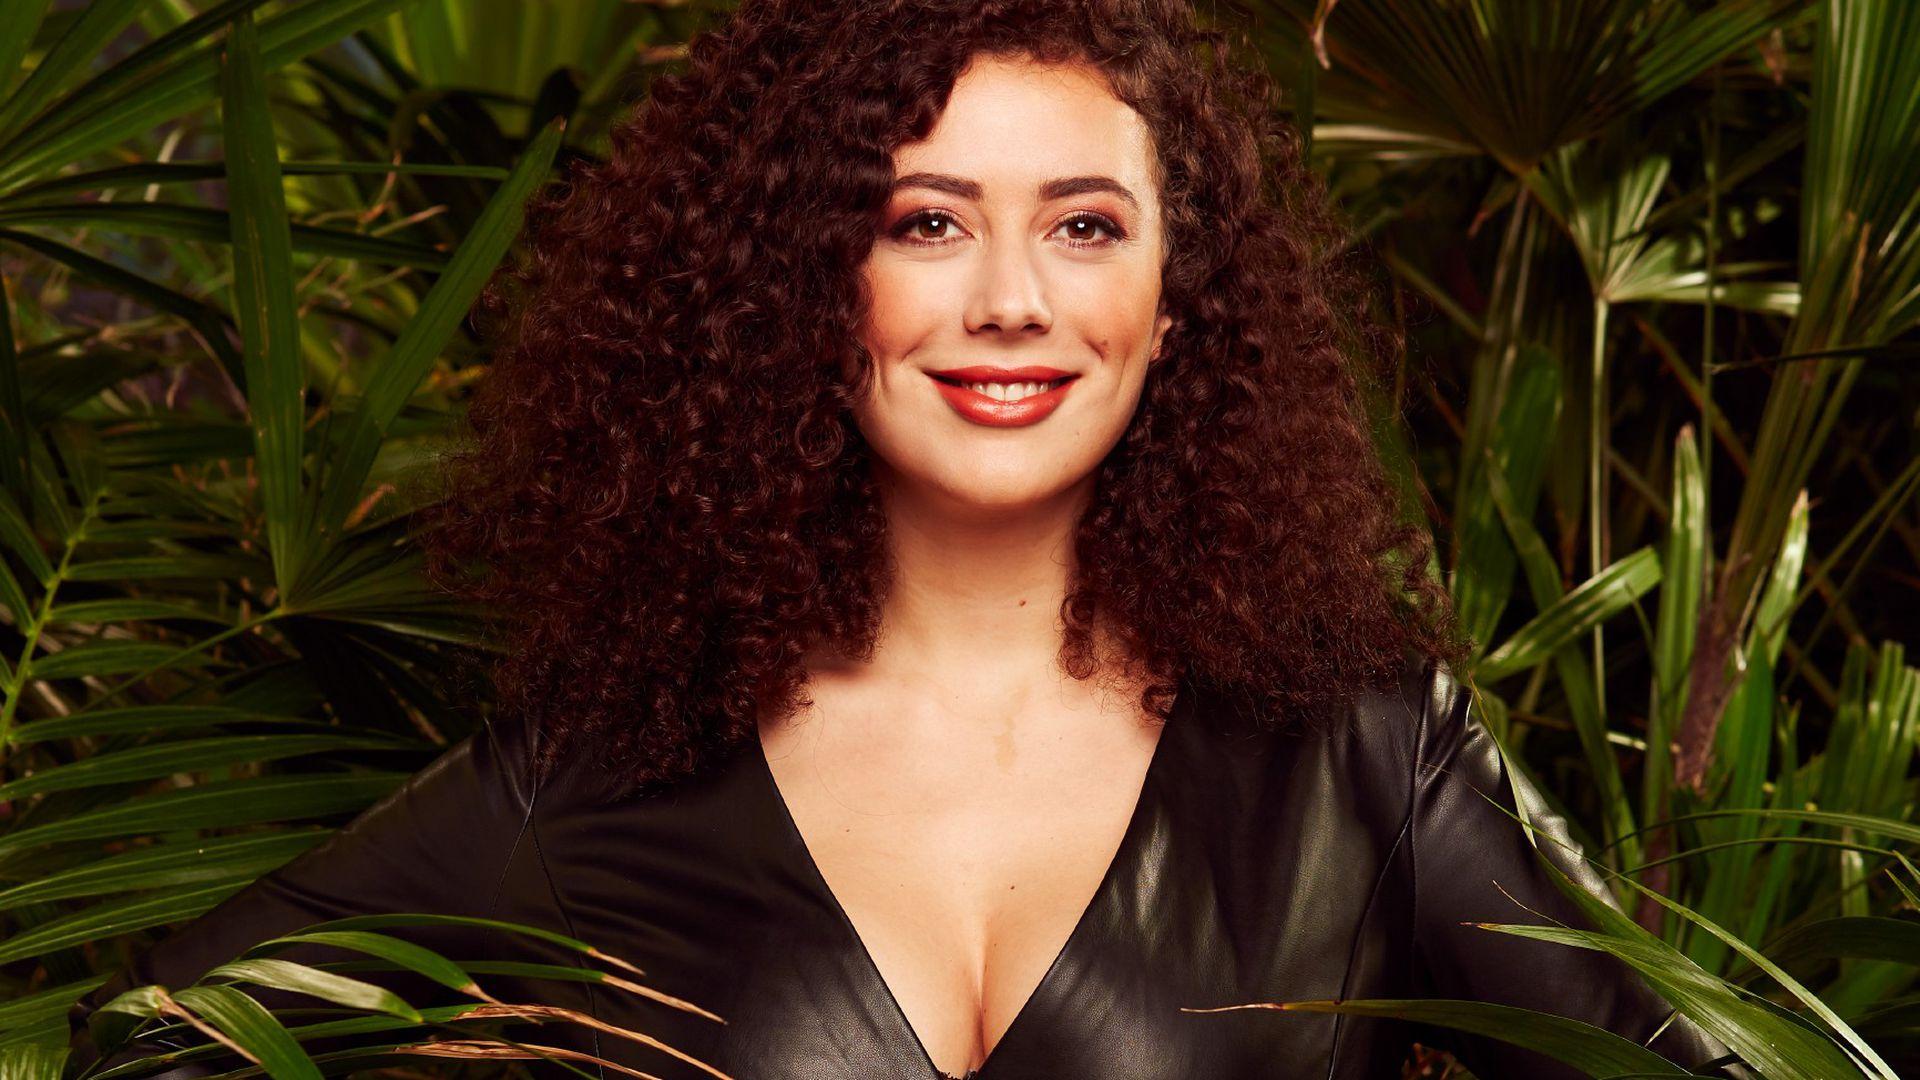 Leila Dschungel